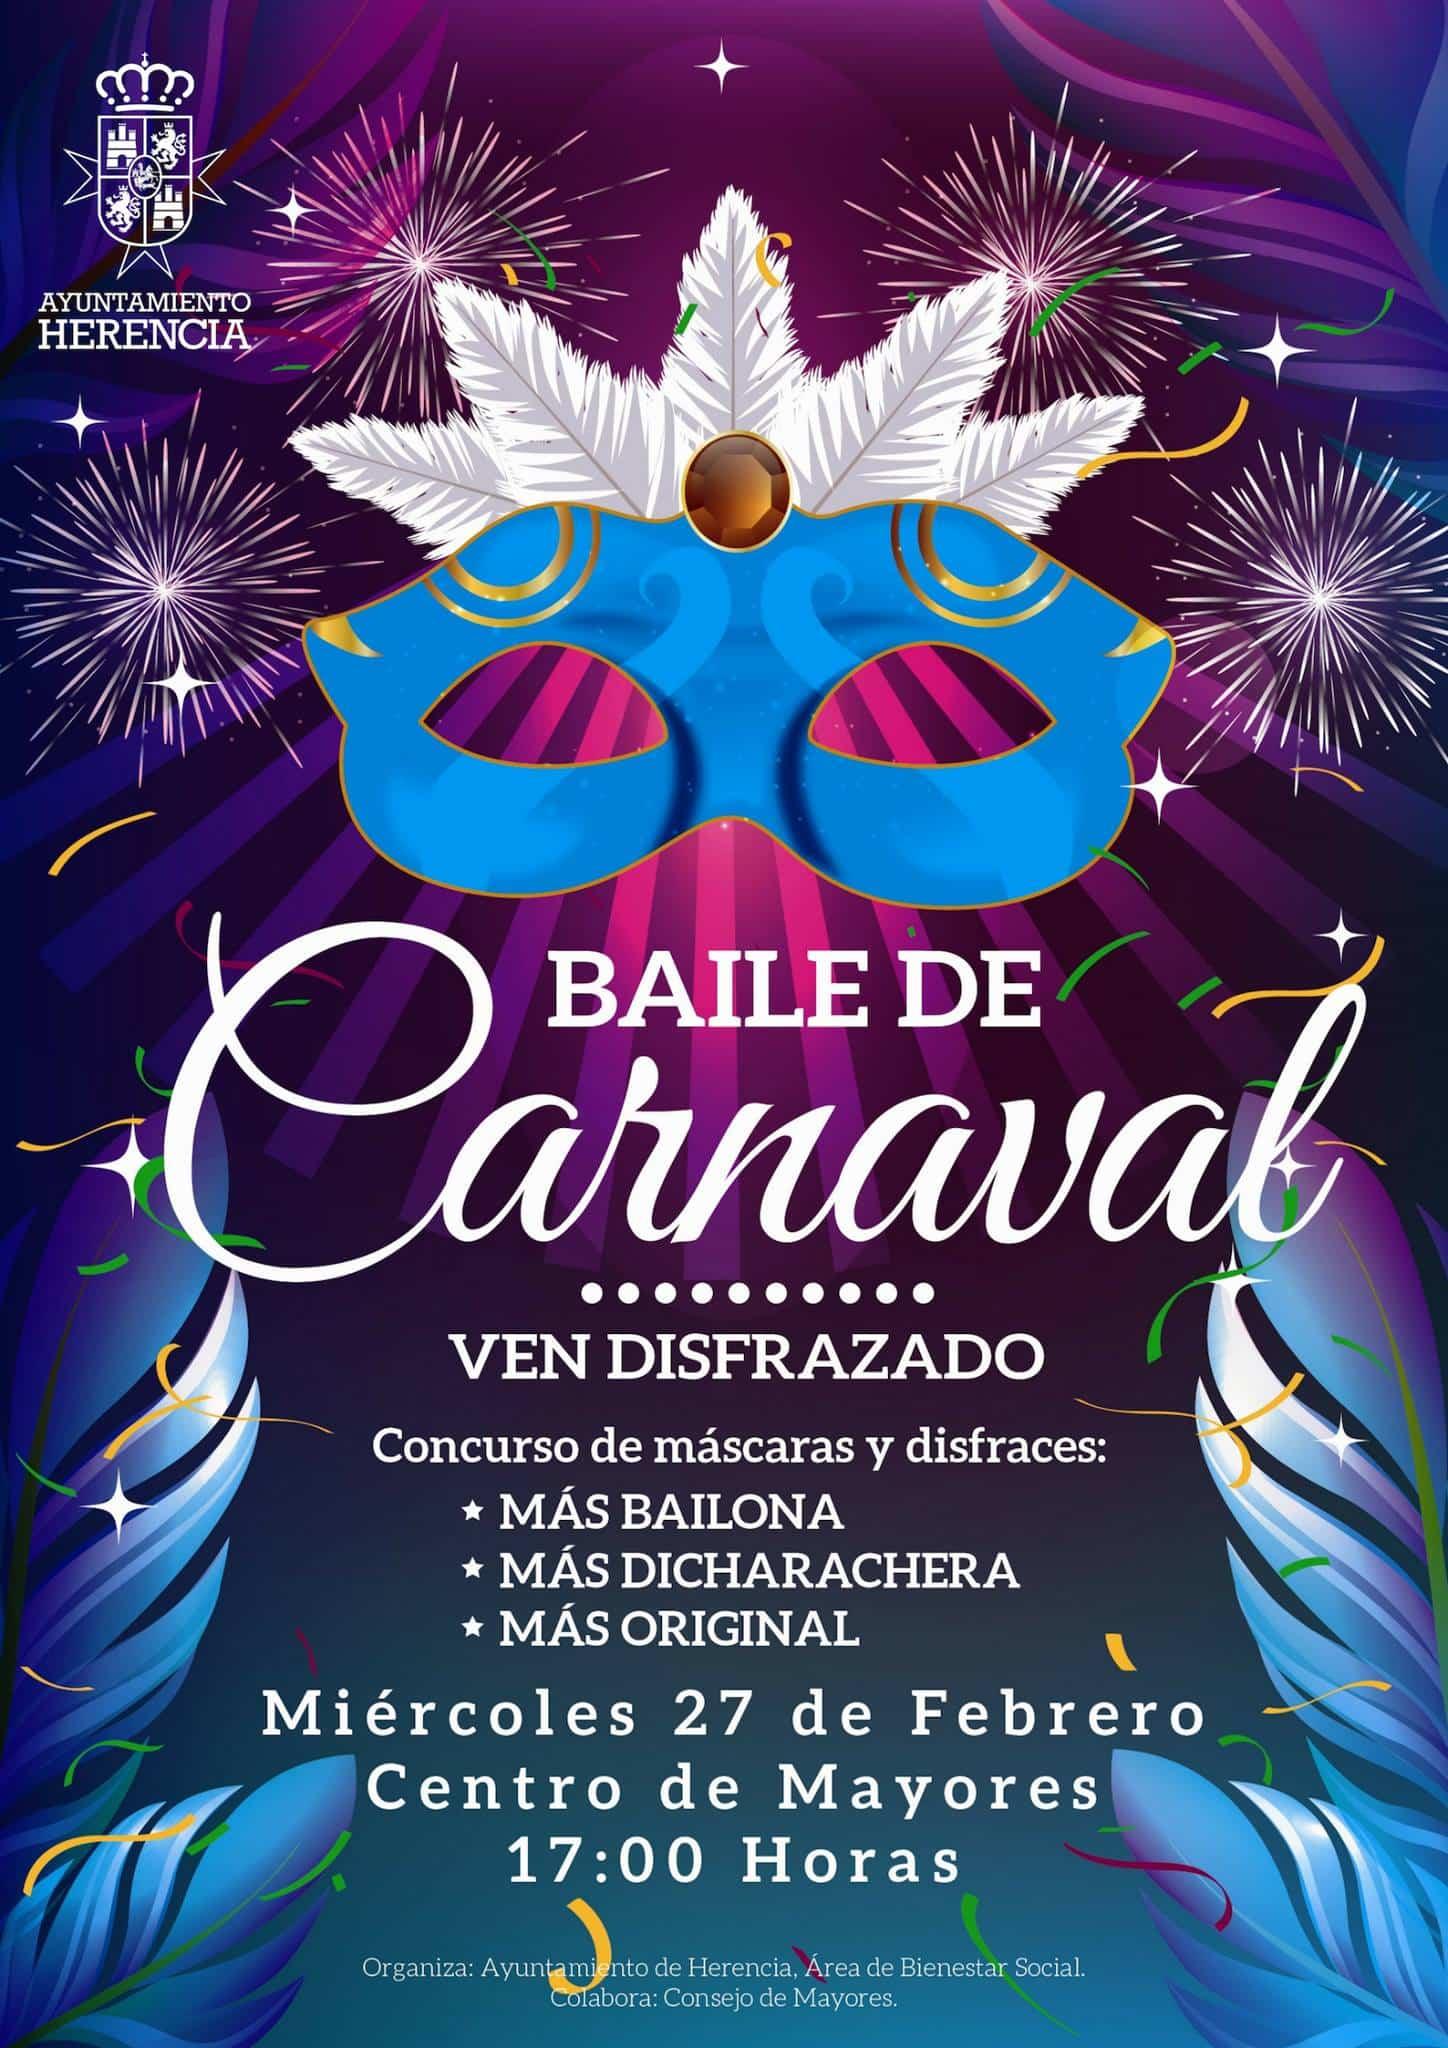 Baile de Carnaval en el Centro de Mayores de Herencia 3